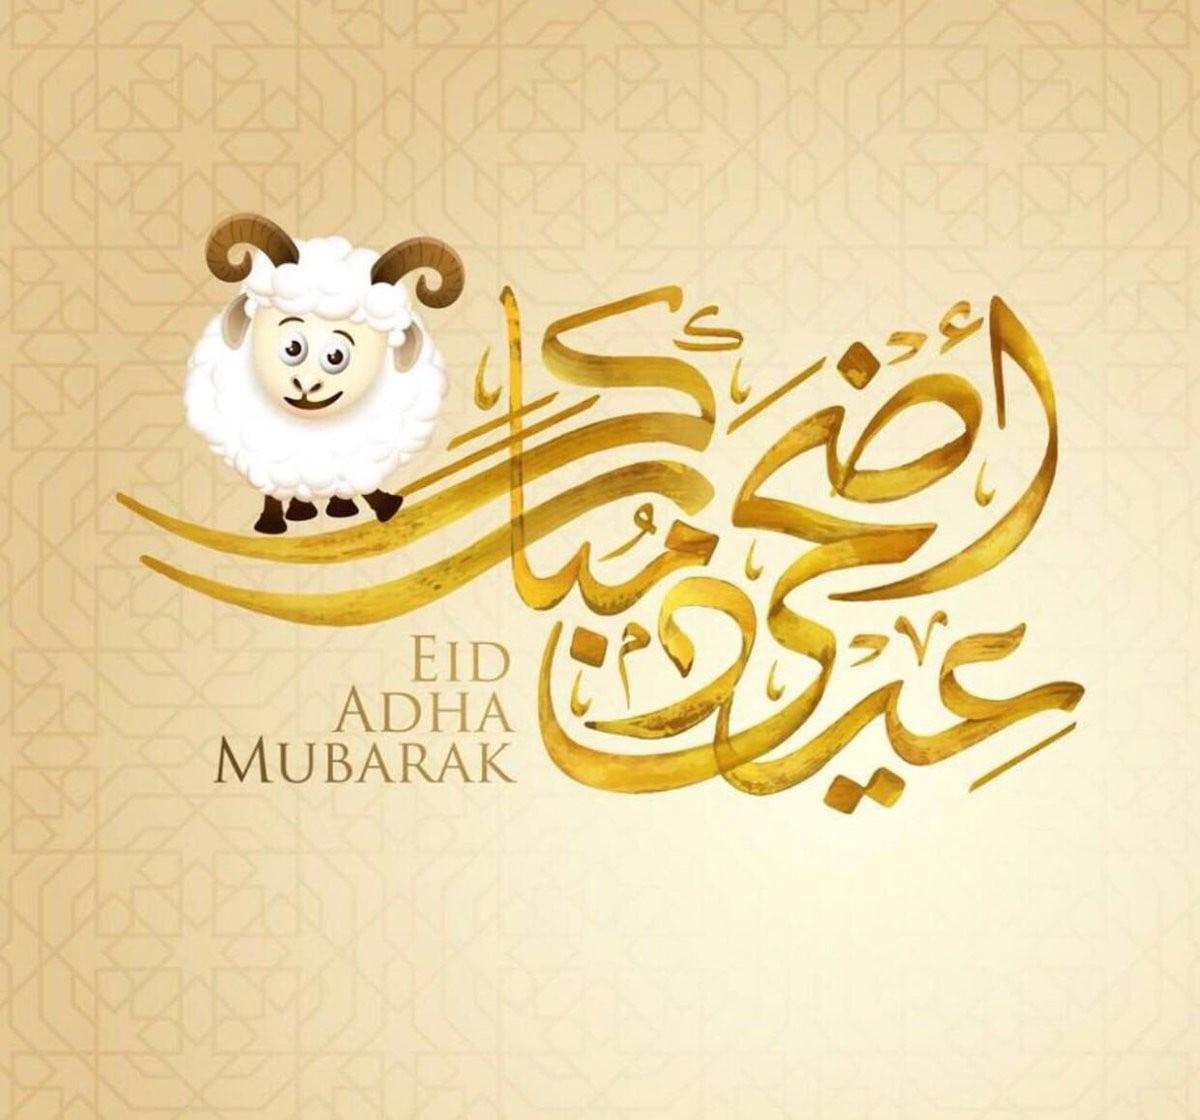 اجمل صور معايدة عيد الاضحى 2020 رسائل معايدة عيد الاضحى المبارك